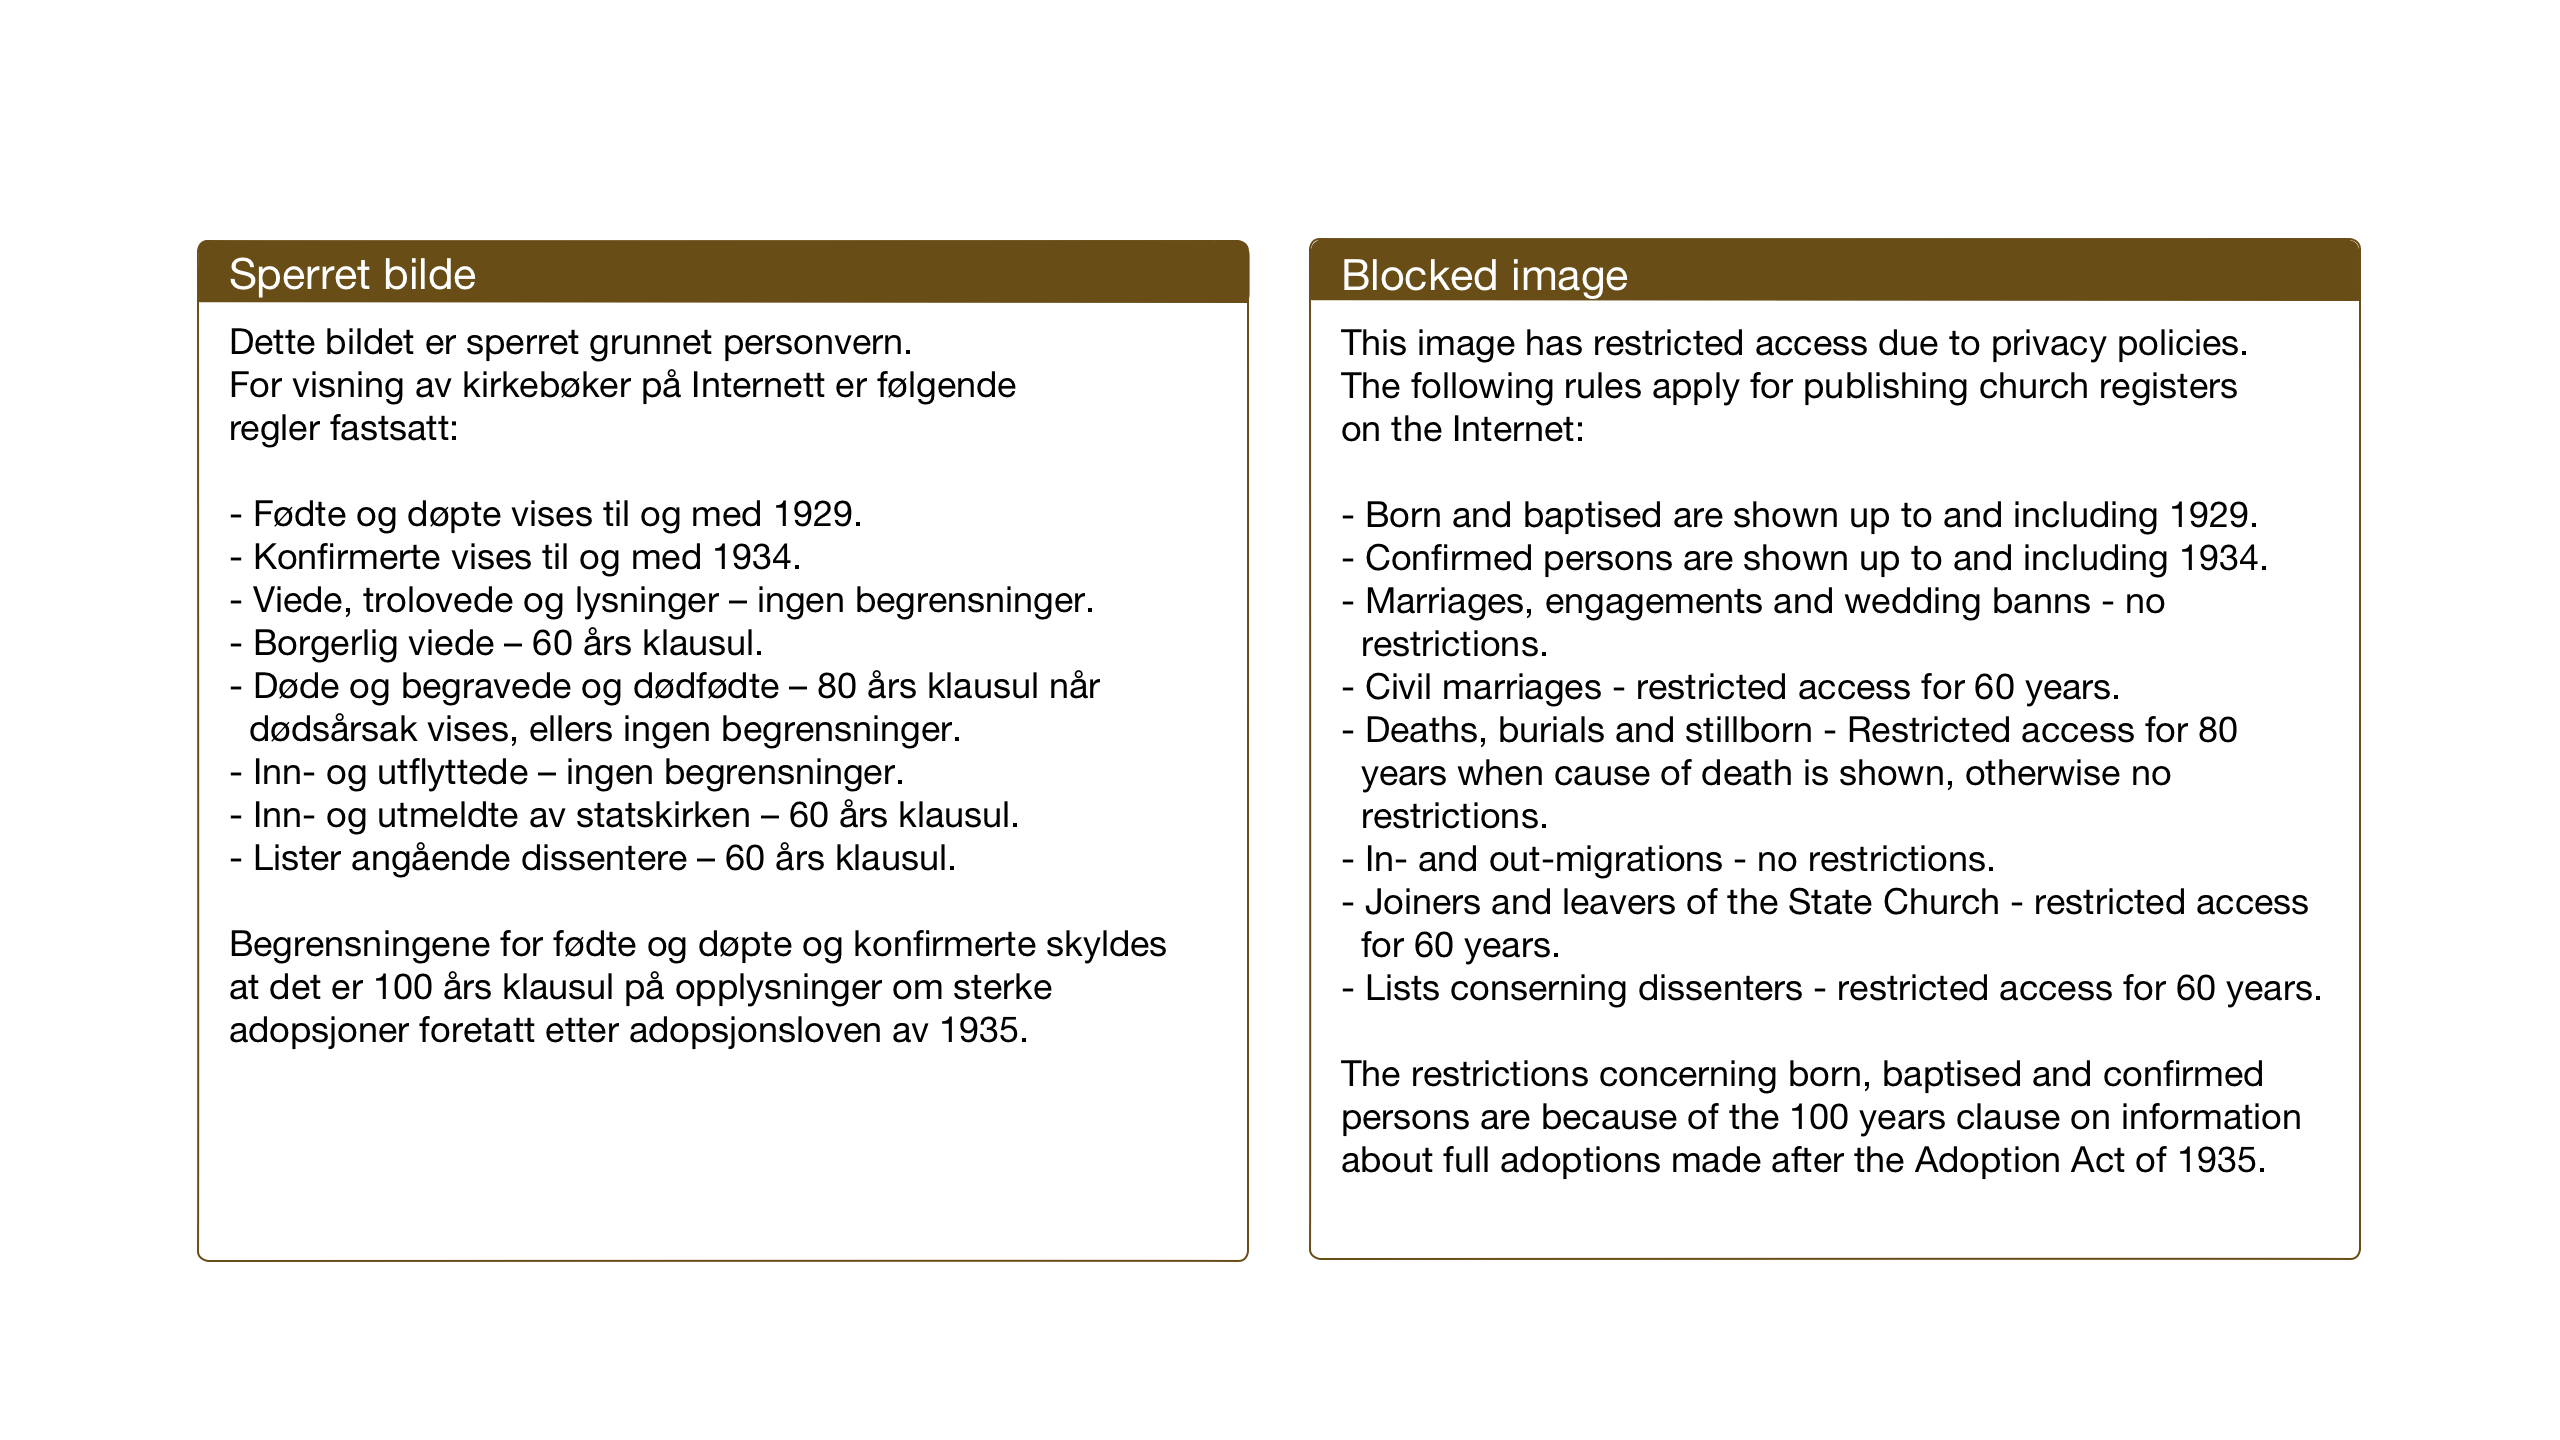 SAT, Ministerialprotokoller, klokkerbøker og fødselsregistre - Sør-Trøndelag, 606/L0315: Klokkerbok nr. 606C11, 1938-1947, s. 4